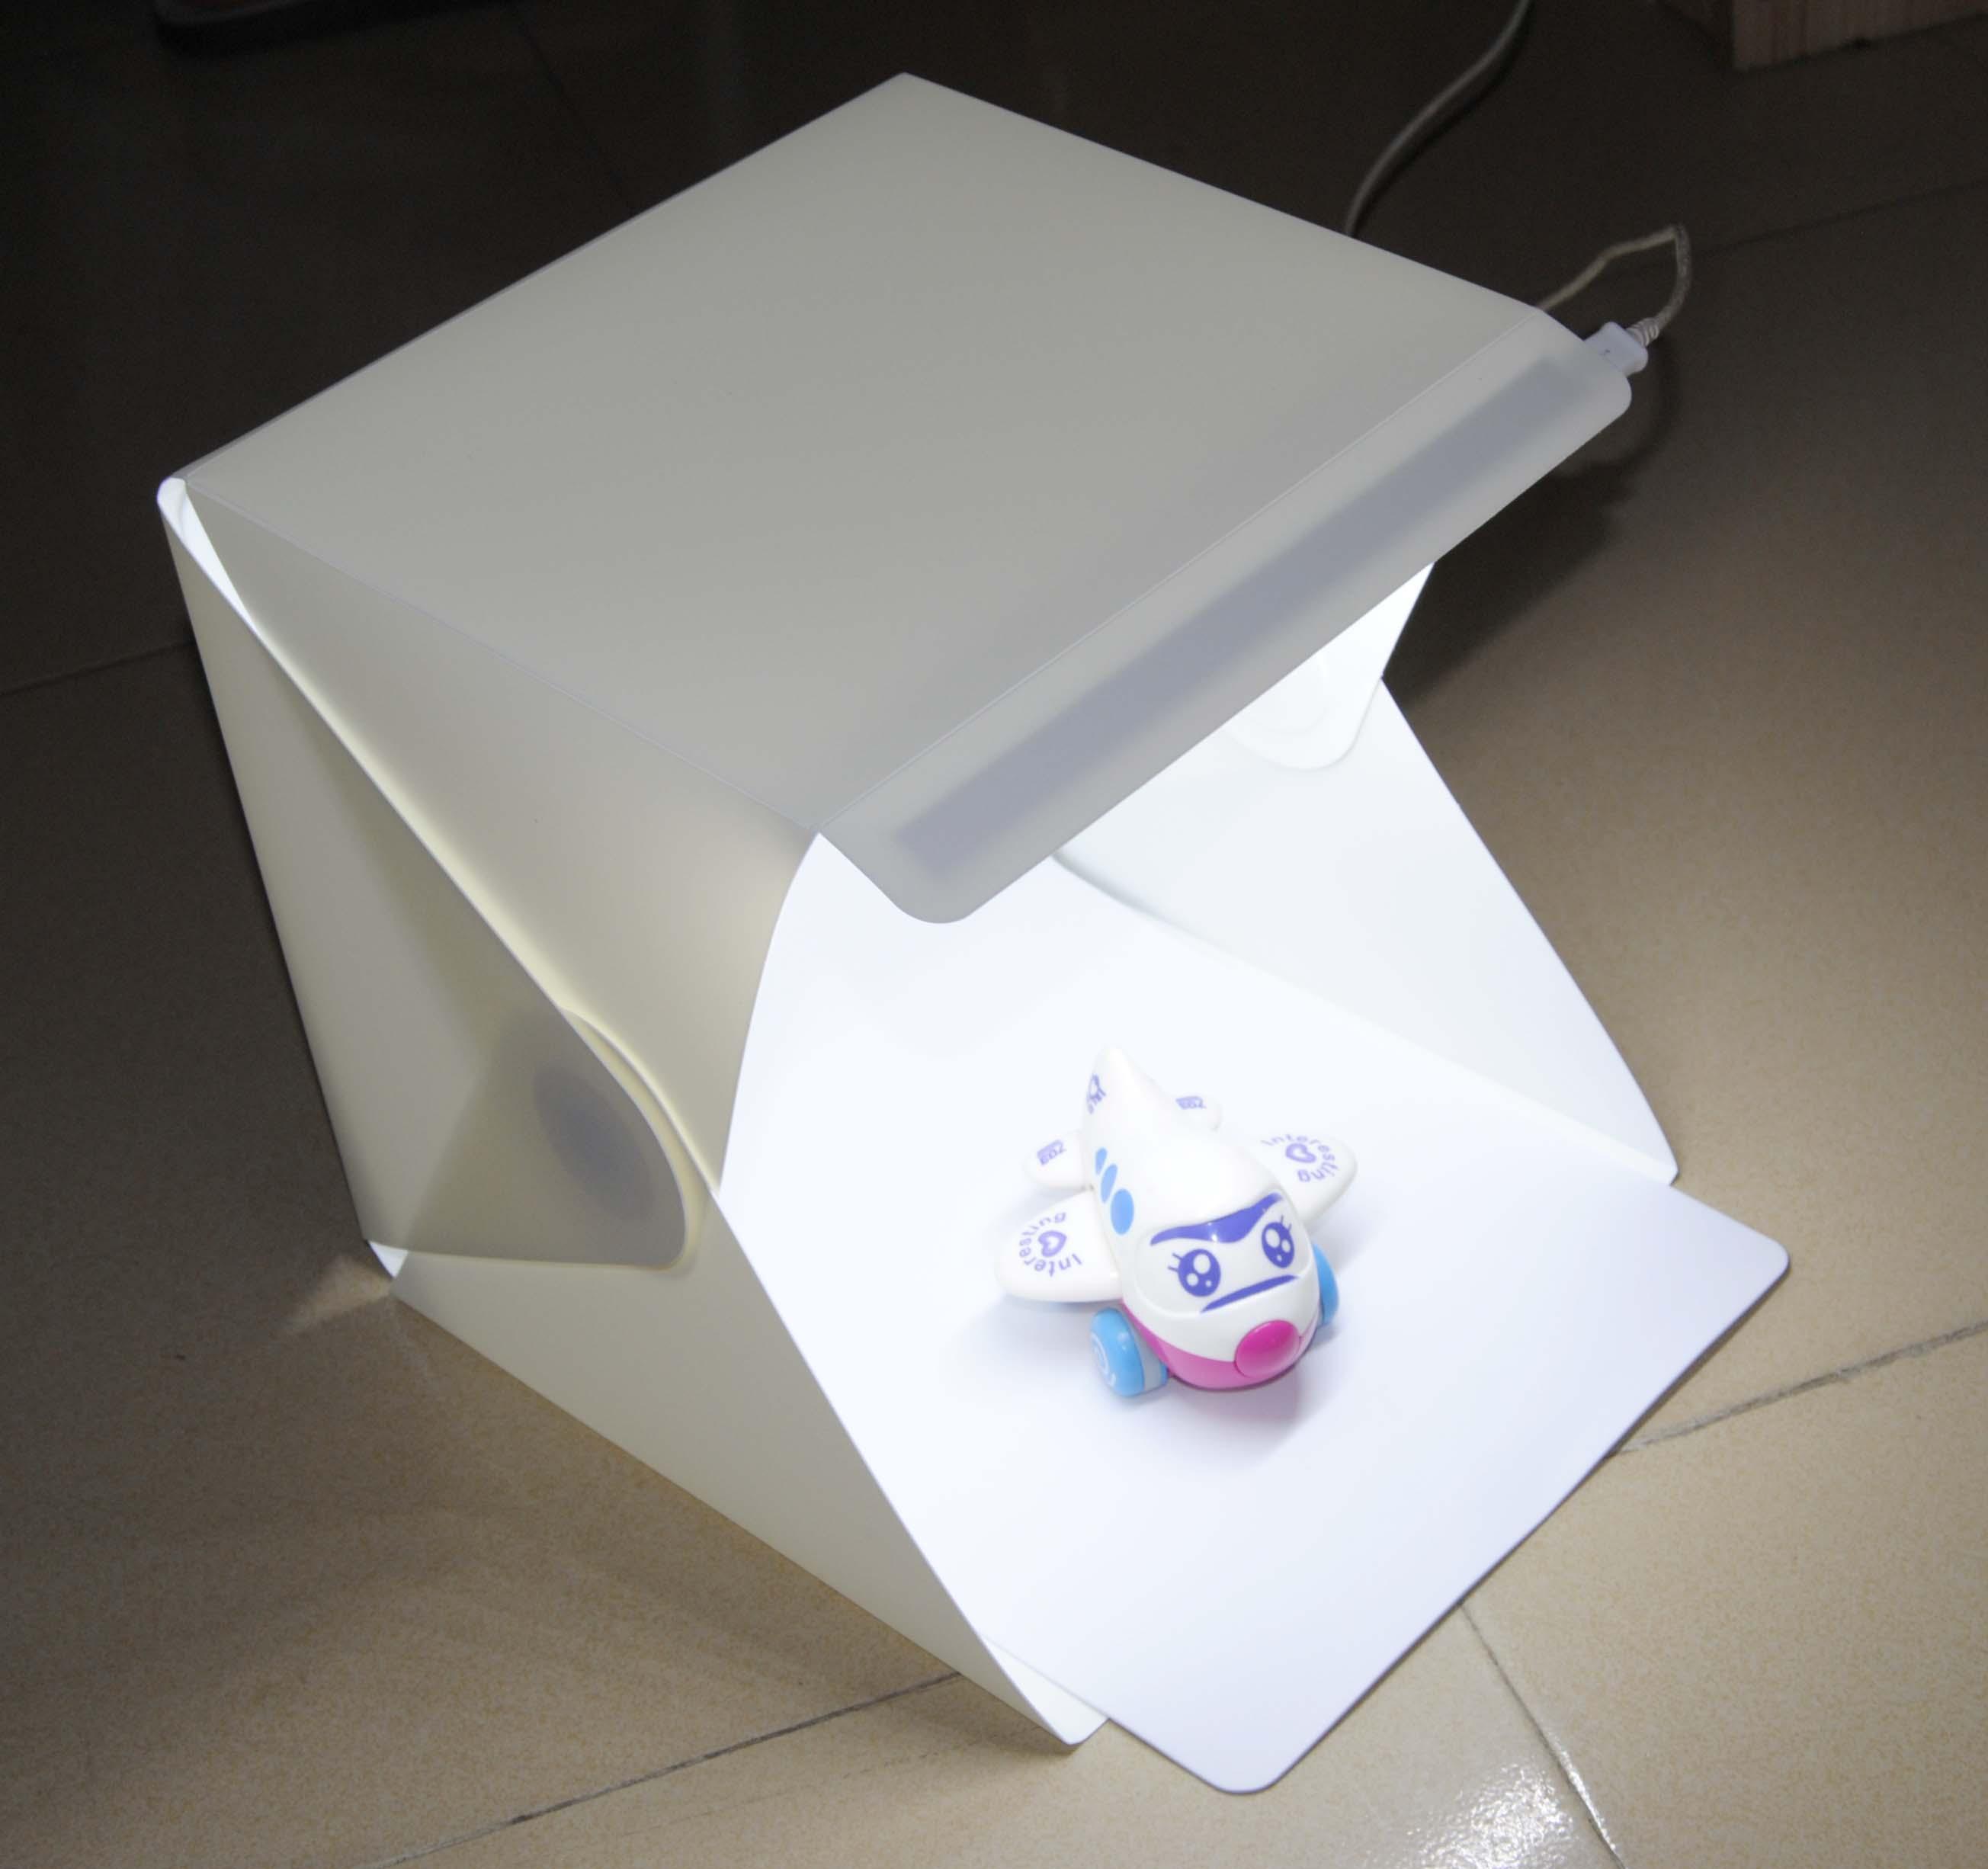 Мини складной студия диффузный софтбокс со светодиодной подсветкой черный, белый цвет Задний план Аксессуары для фотостудии Аксессуары дл